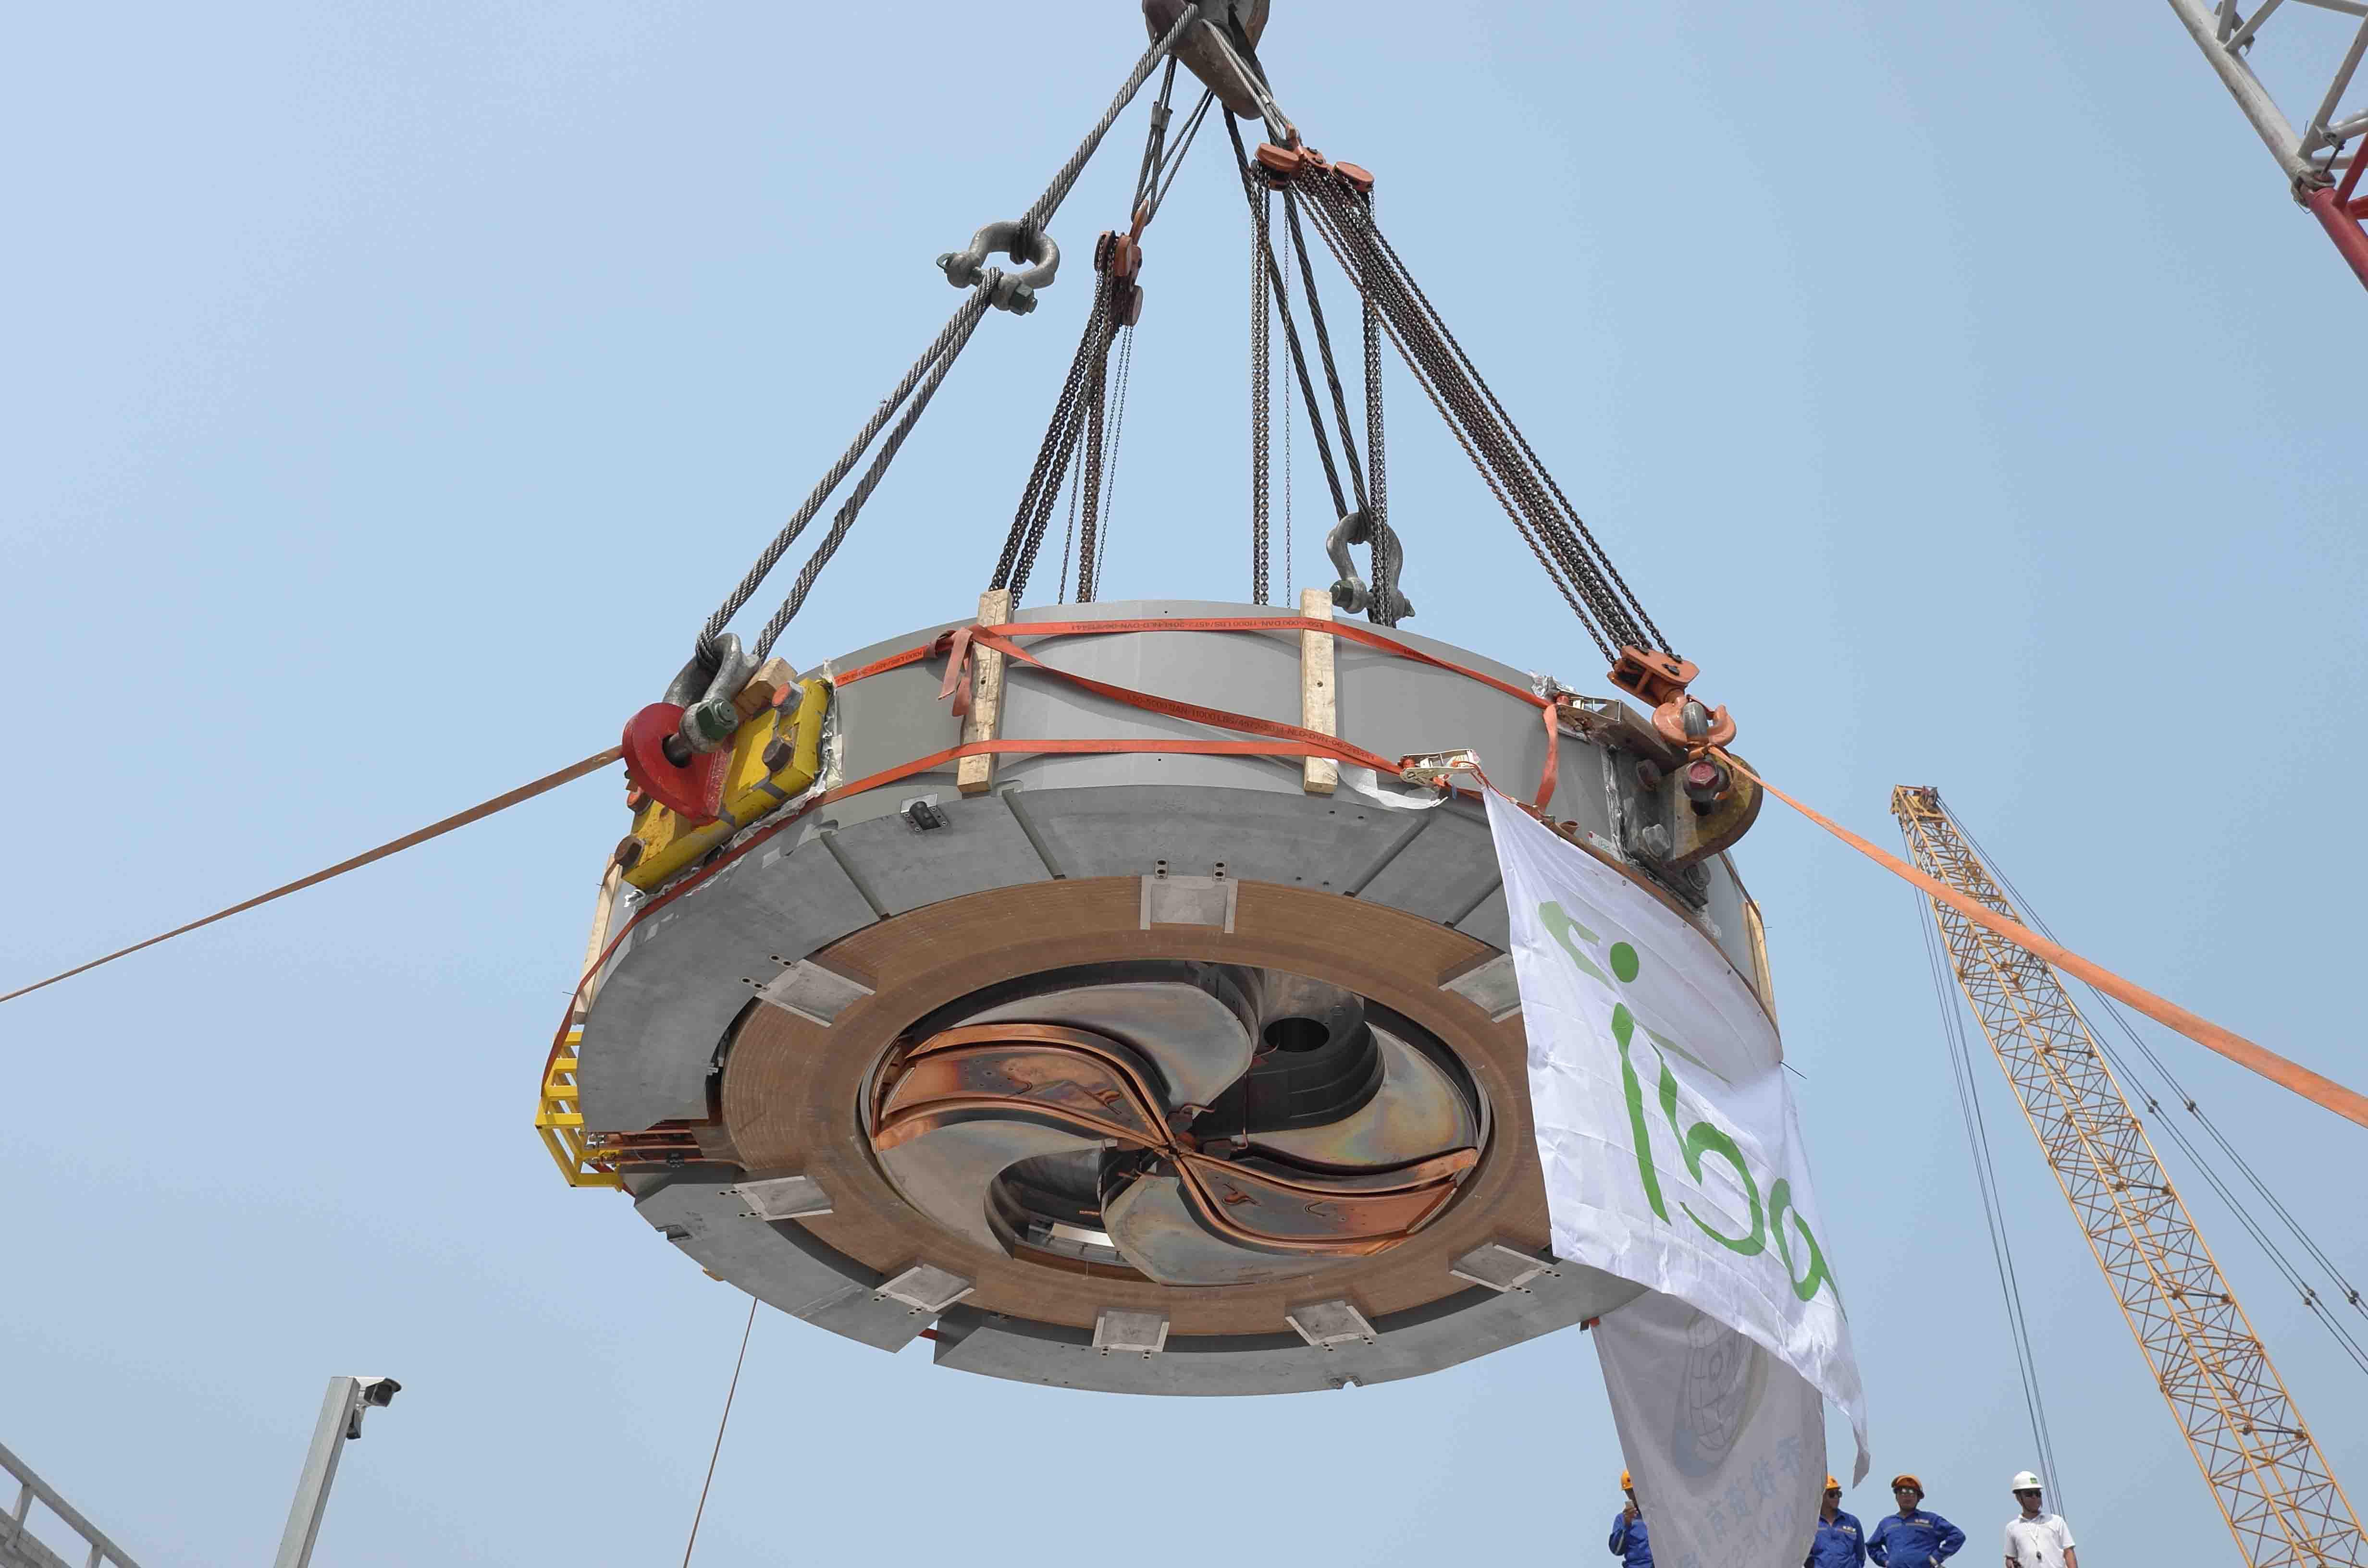 2016年 涿州301医院质子加速器吊装